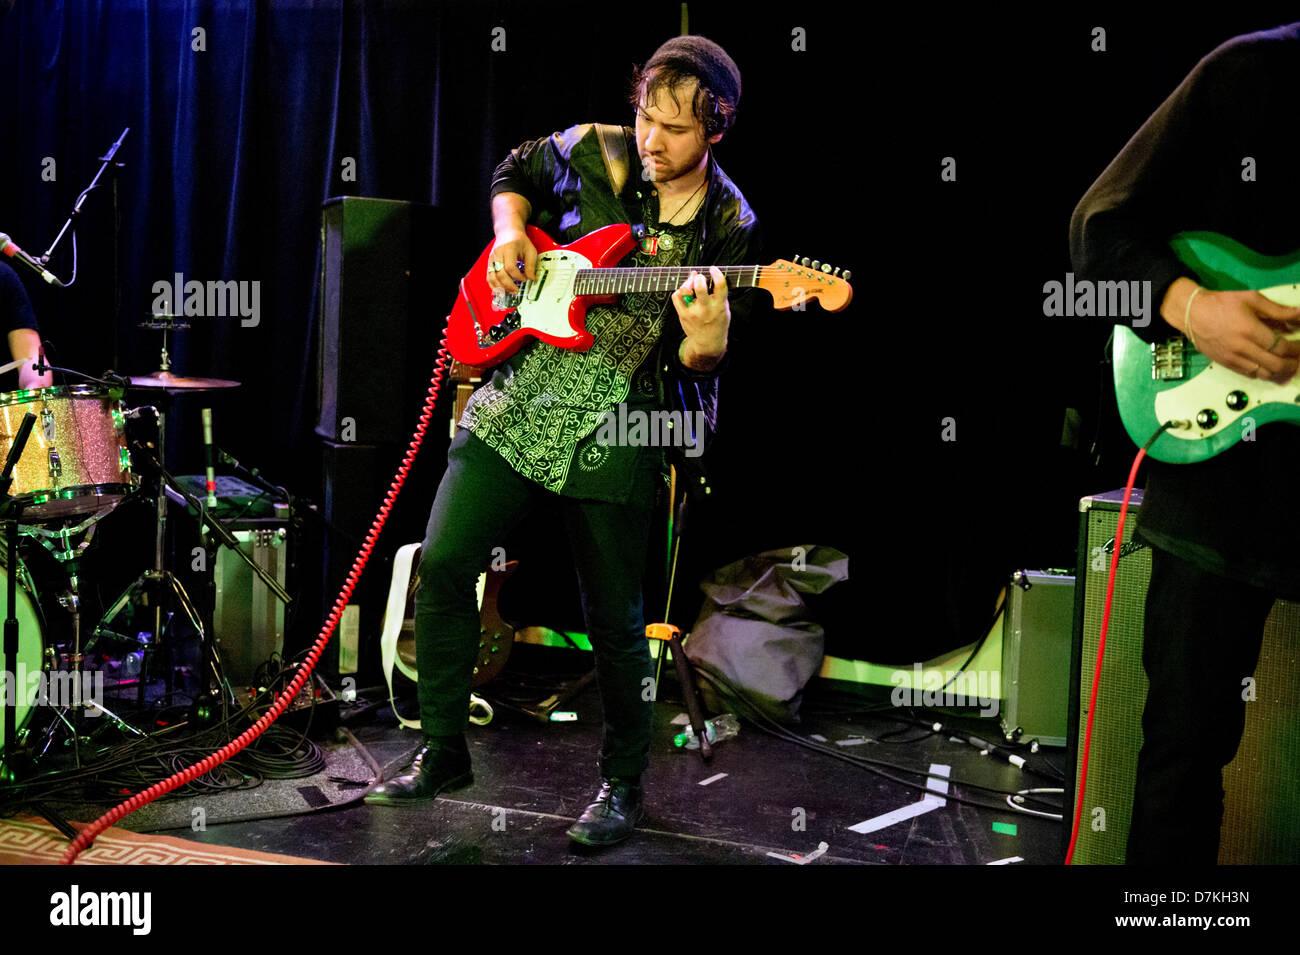 Birmingham, Regno Unito. Band alternative rock sconosciuto Orchestra mortale (dalla Nuova Zelanda e Stati Uniti d'America) in concerto a Birmingham Institure 8 maggio 2013. Ruban Nielson cantante e chitarrista. Foto Stock